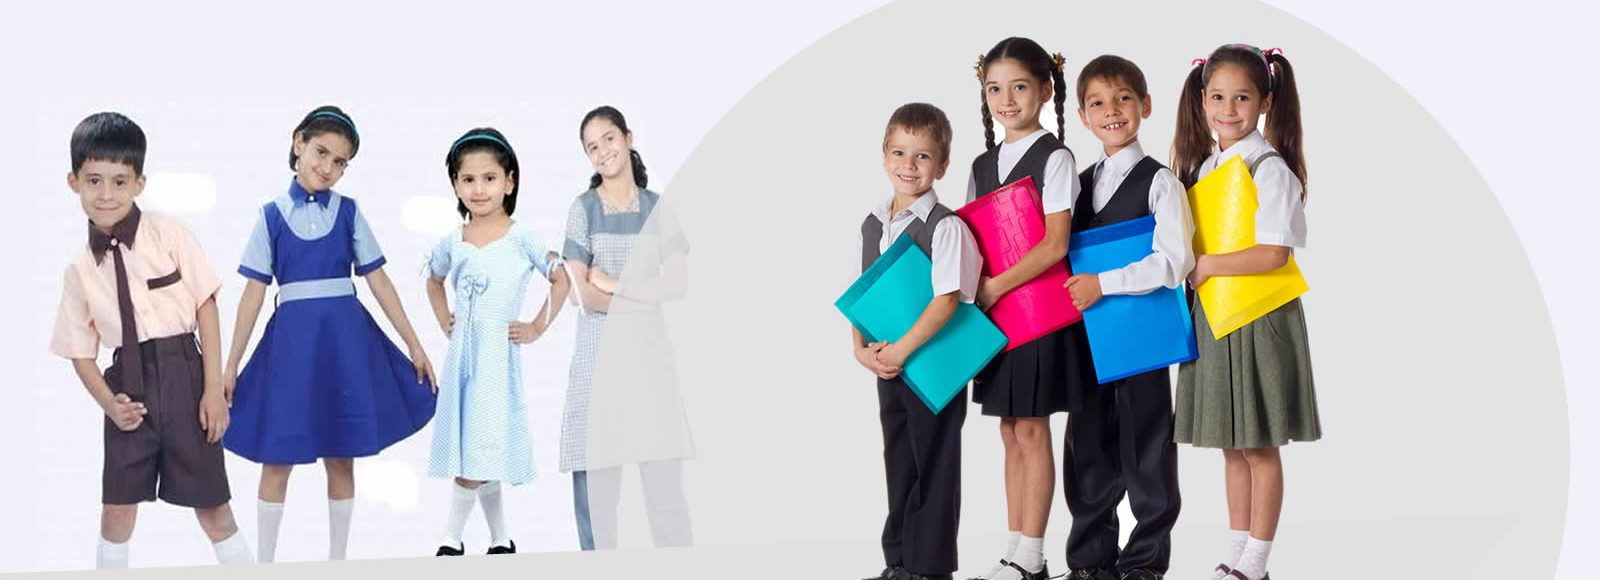 school-unform